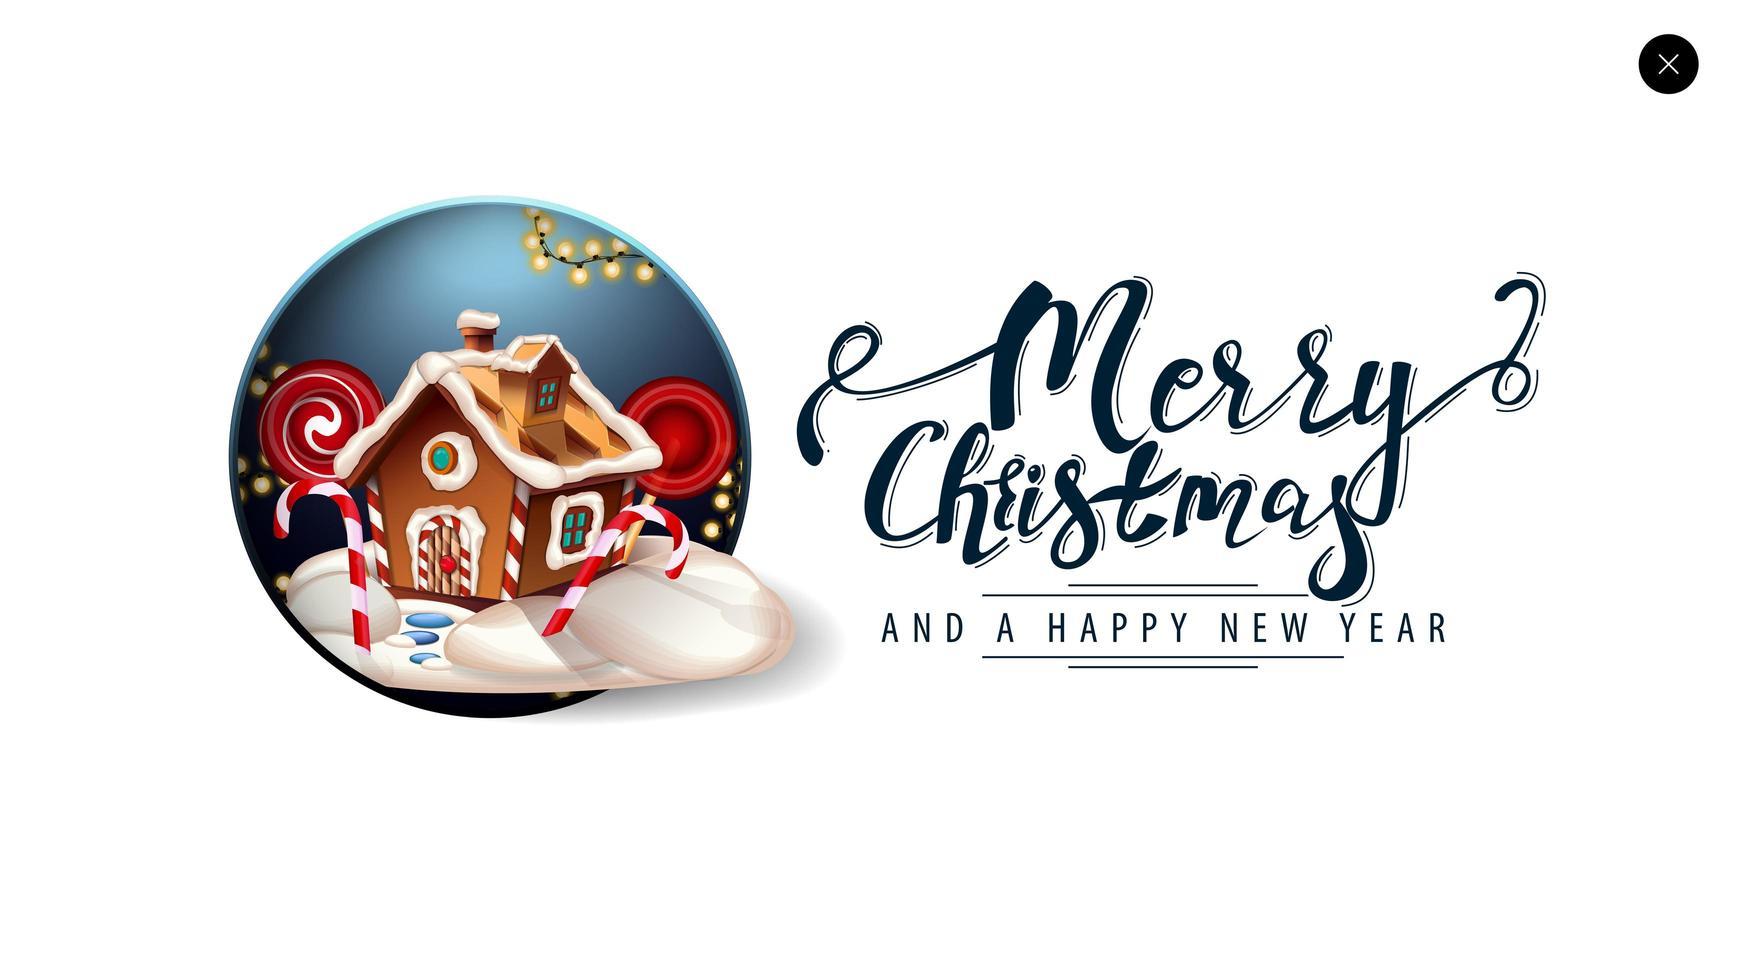 joyeux noël, carte blanche pour site Web dans un style minimaliste avec beau lettrage et maison en pain d'épice de Noël vecteur